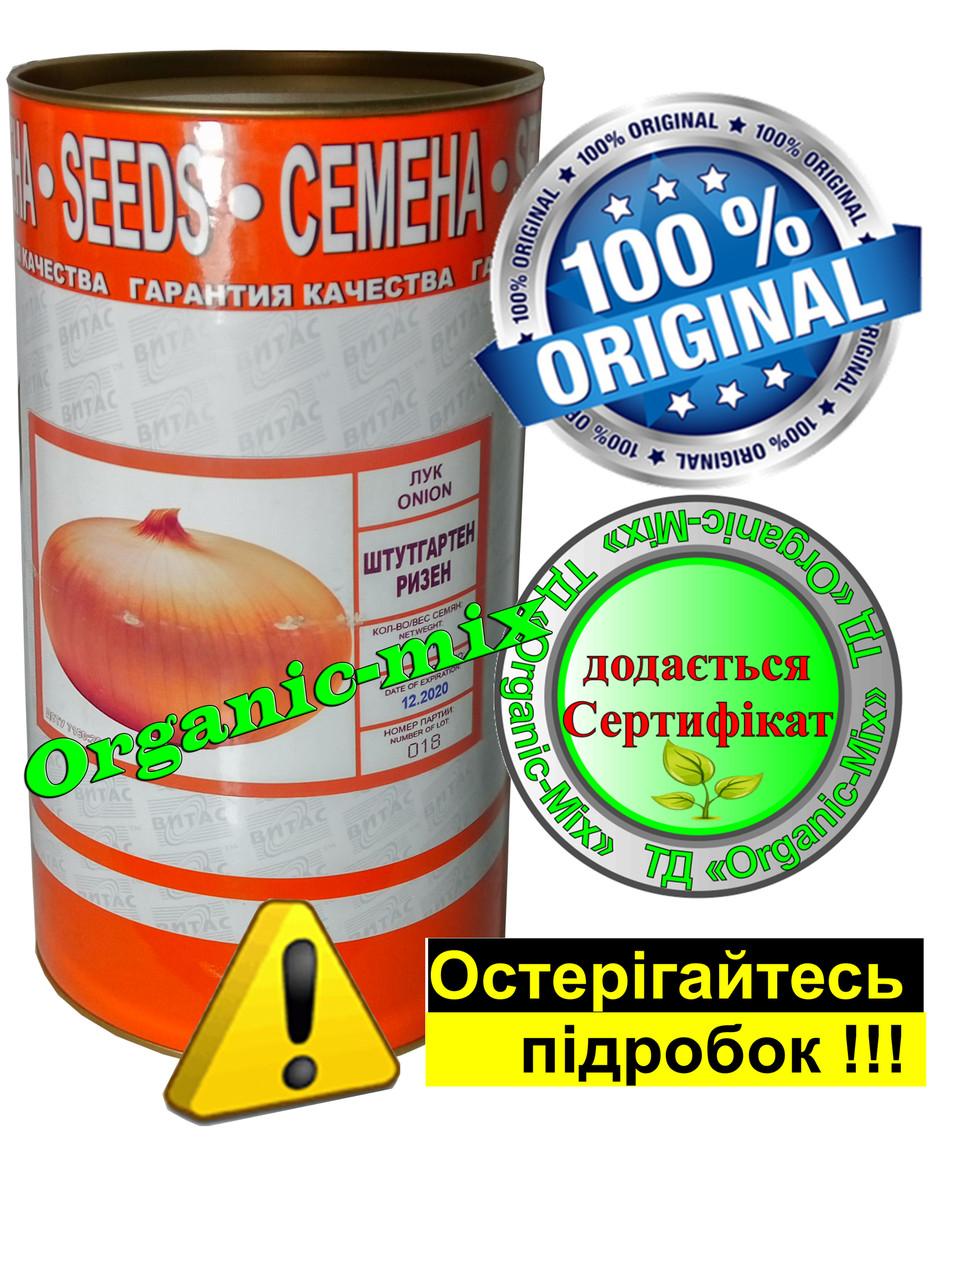 Профессиональные Семена лука Штутгартен Ризен, инкрустированные, 500 г